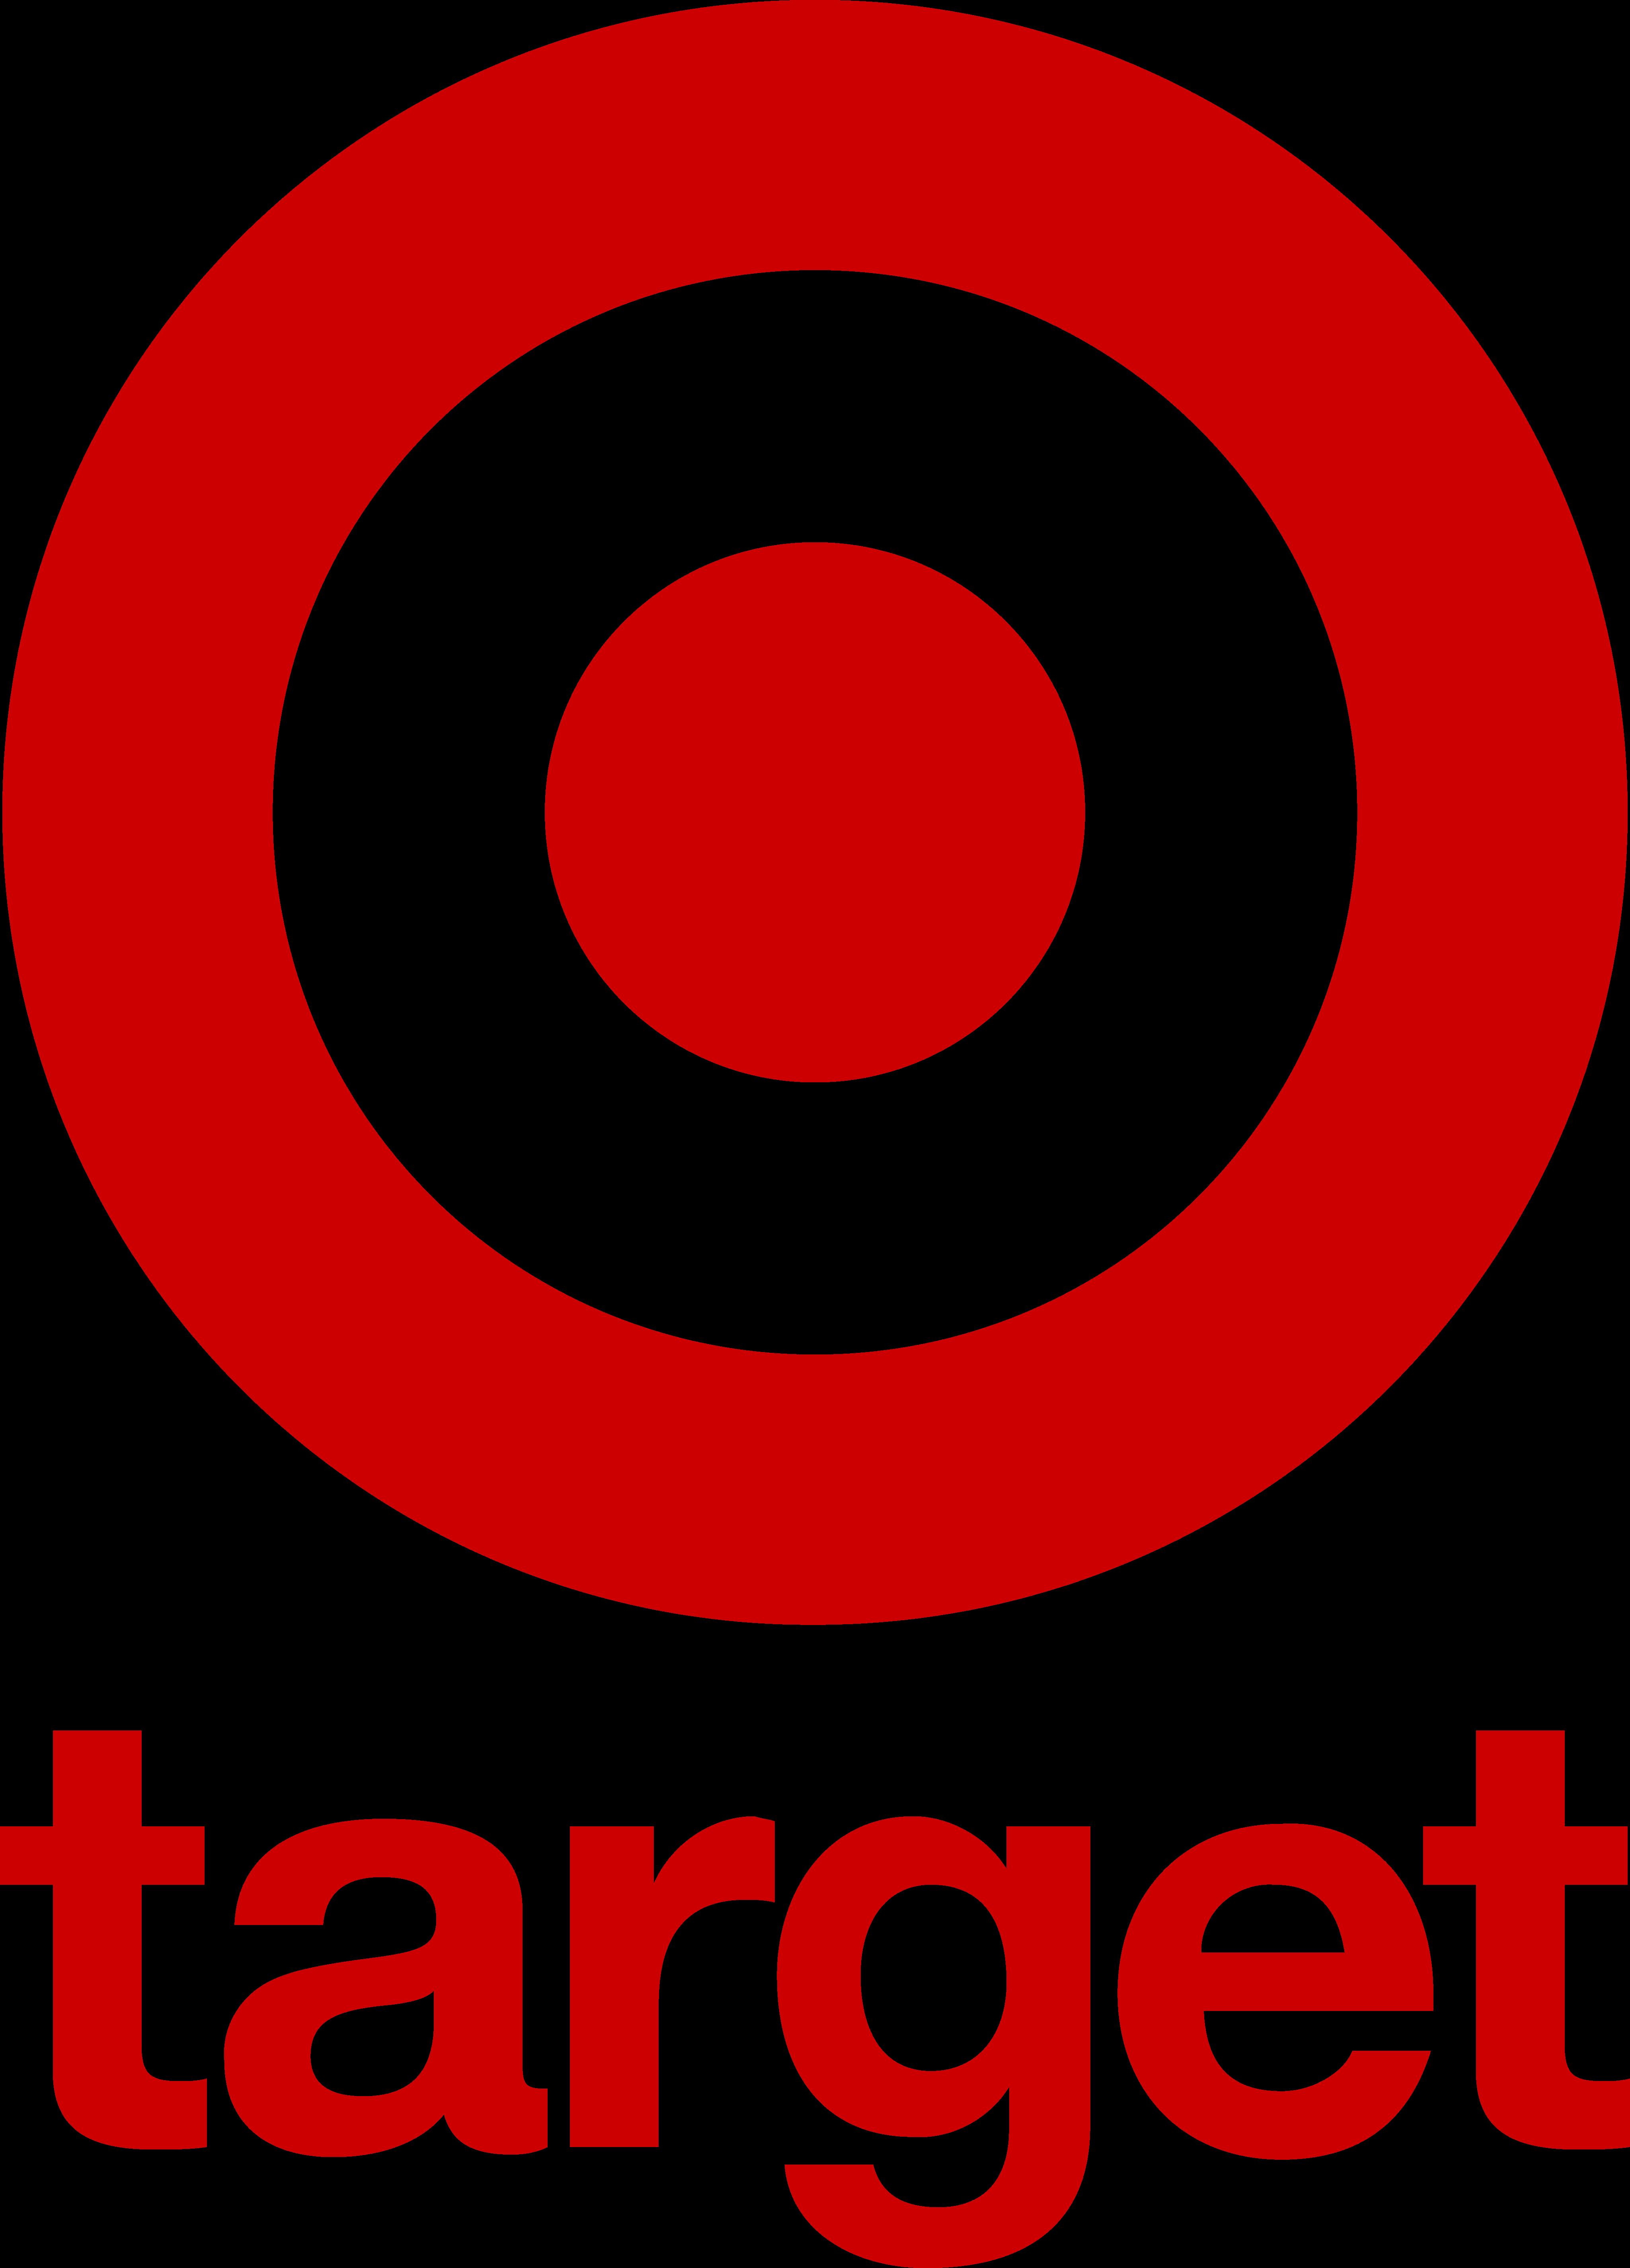 target logo - Target Logo